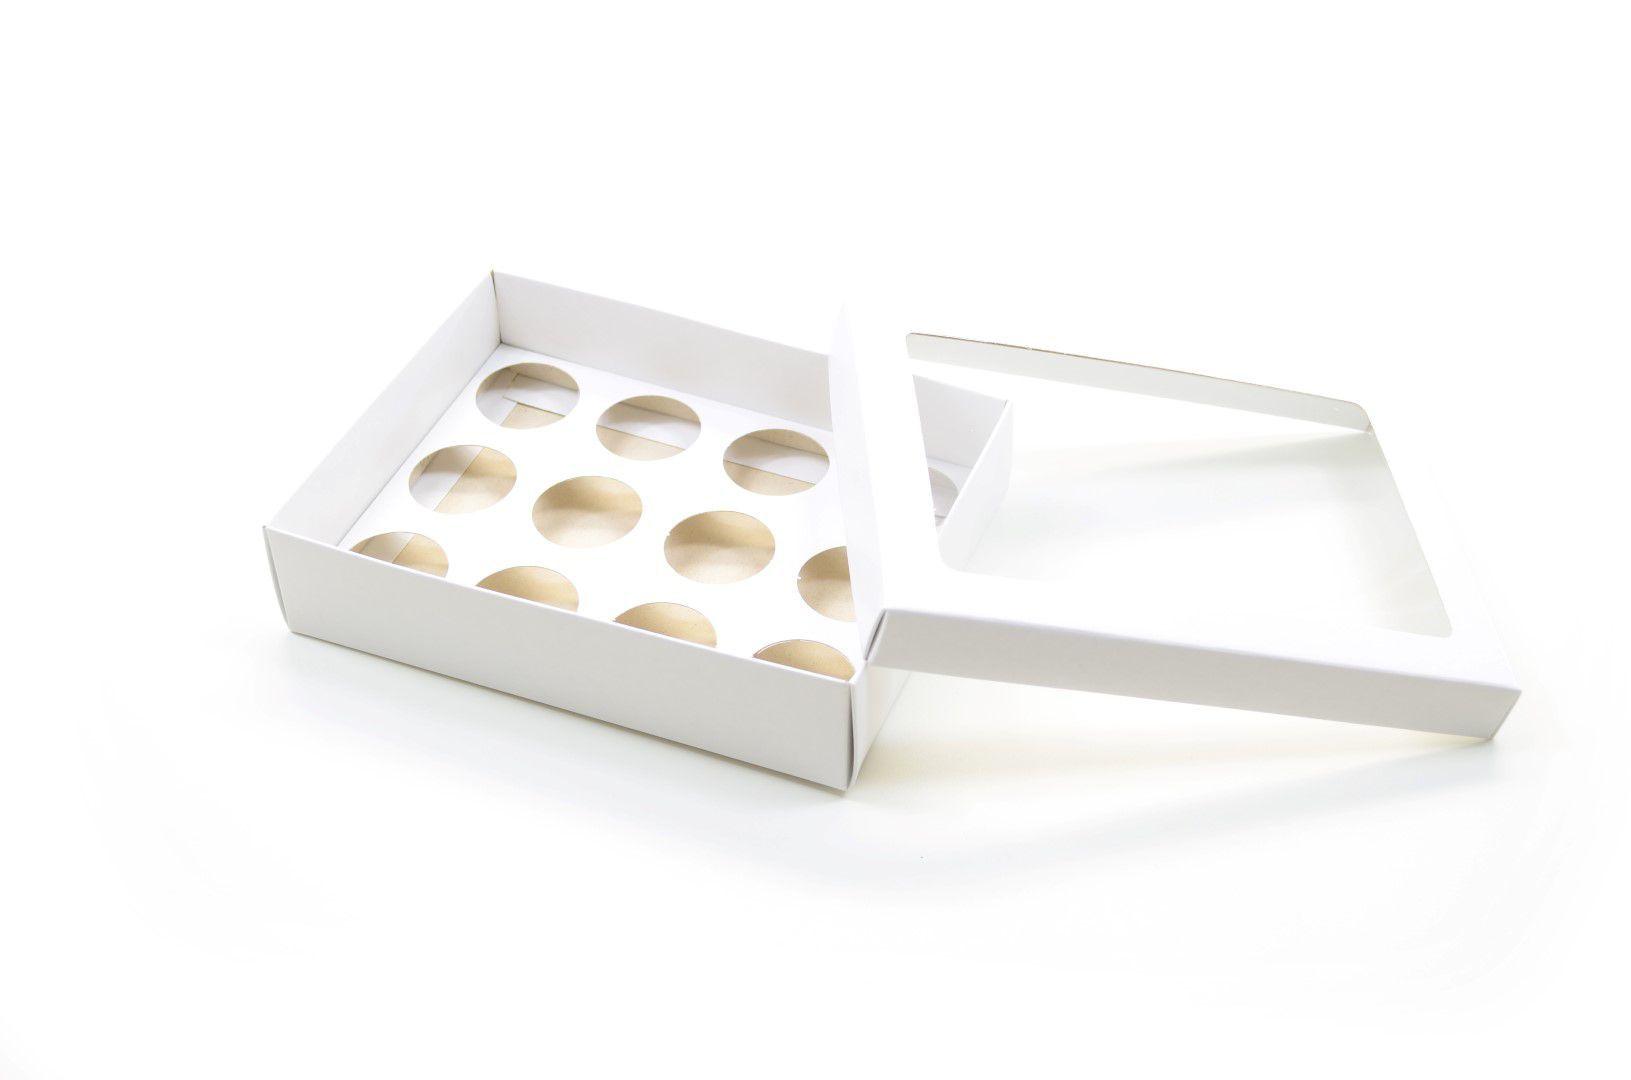 Ref 043 Branca - Caixa p/ 12 Brigadeiro Gourmet Nº4 - tampa c/ visor - 17x13x4 cm - c/ 10 unidades